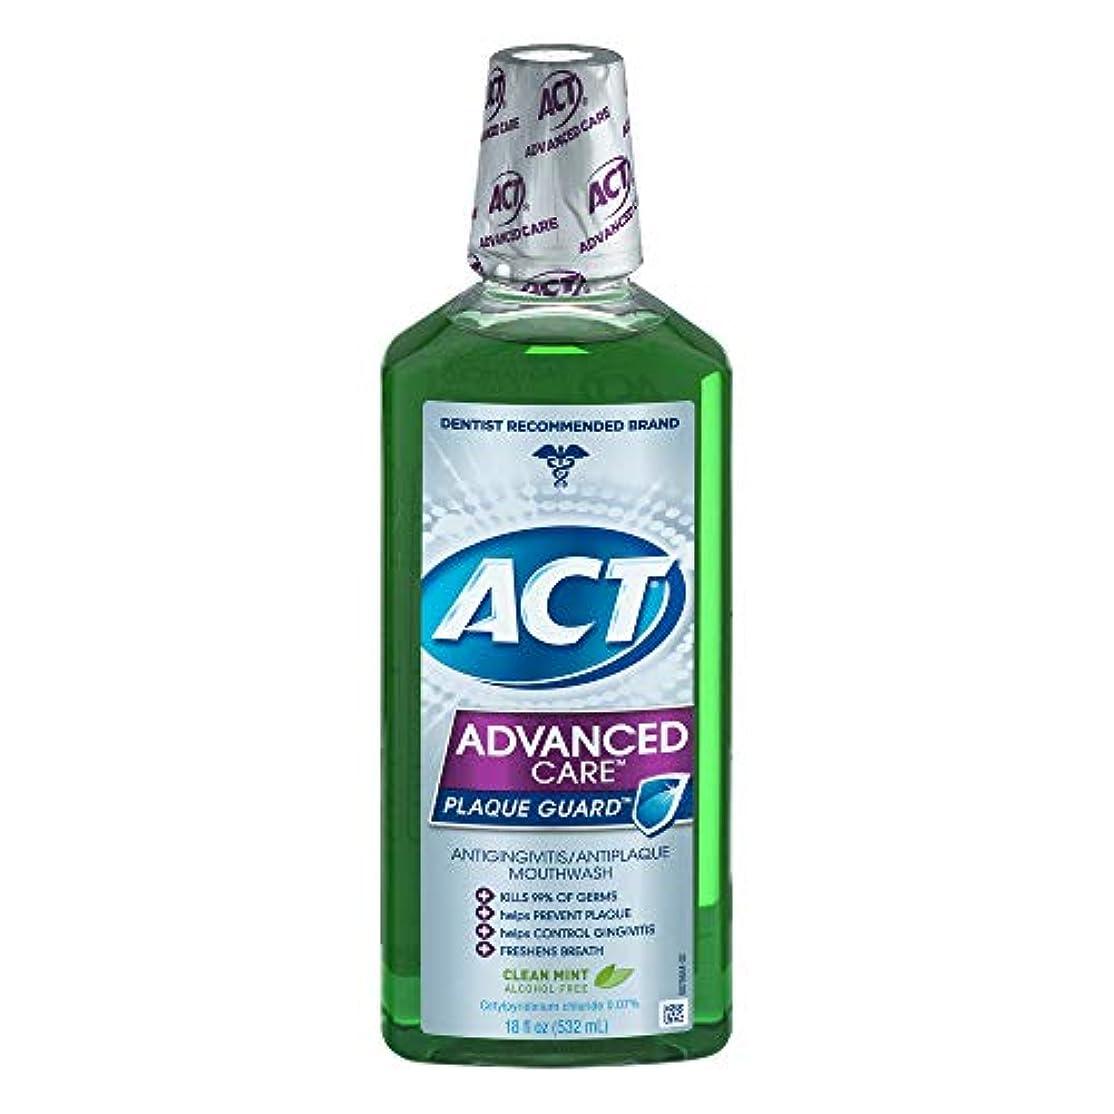 驚き急行する間違いACT Advanced Care Plaque Guard Mouthwash, Clean Mint 18 oz Pack of 3 by ACT